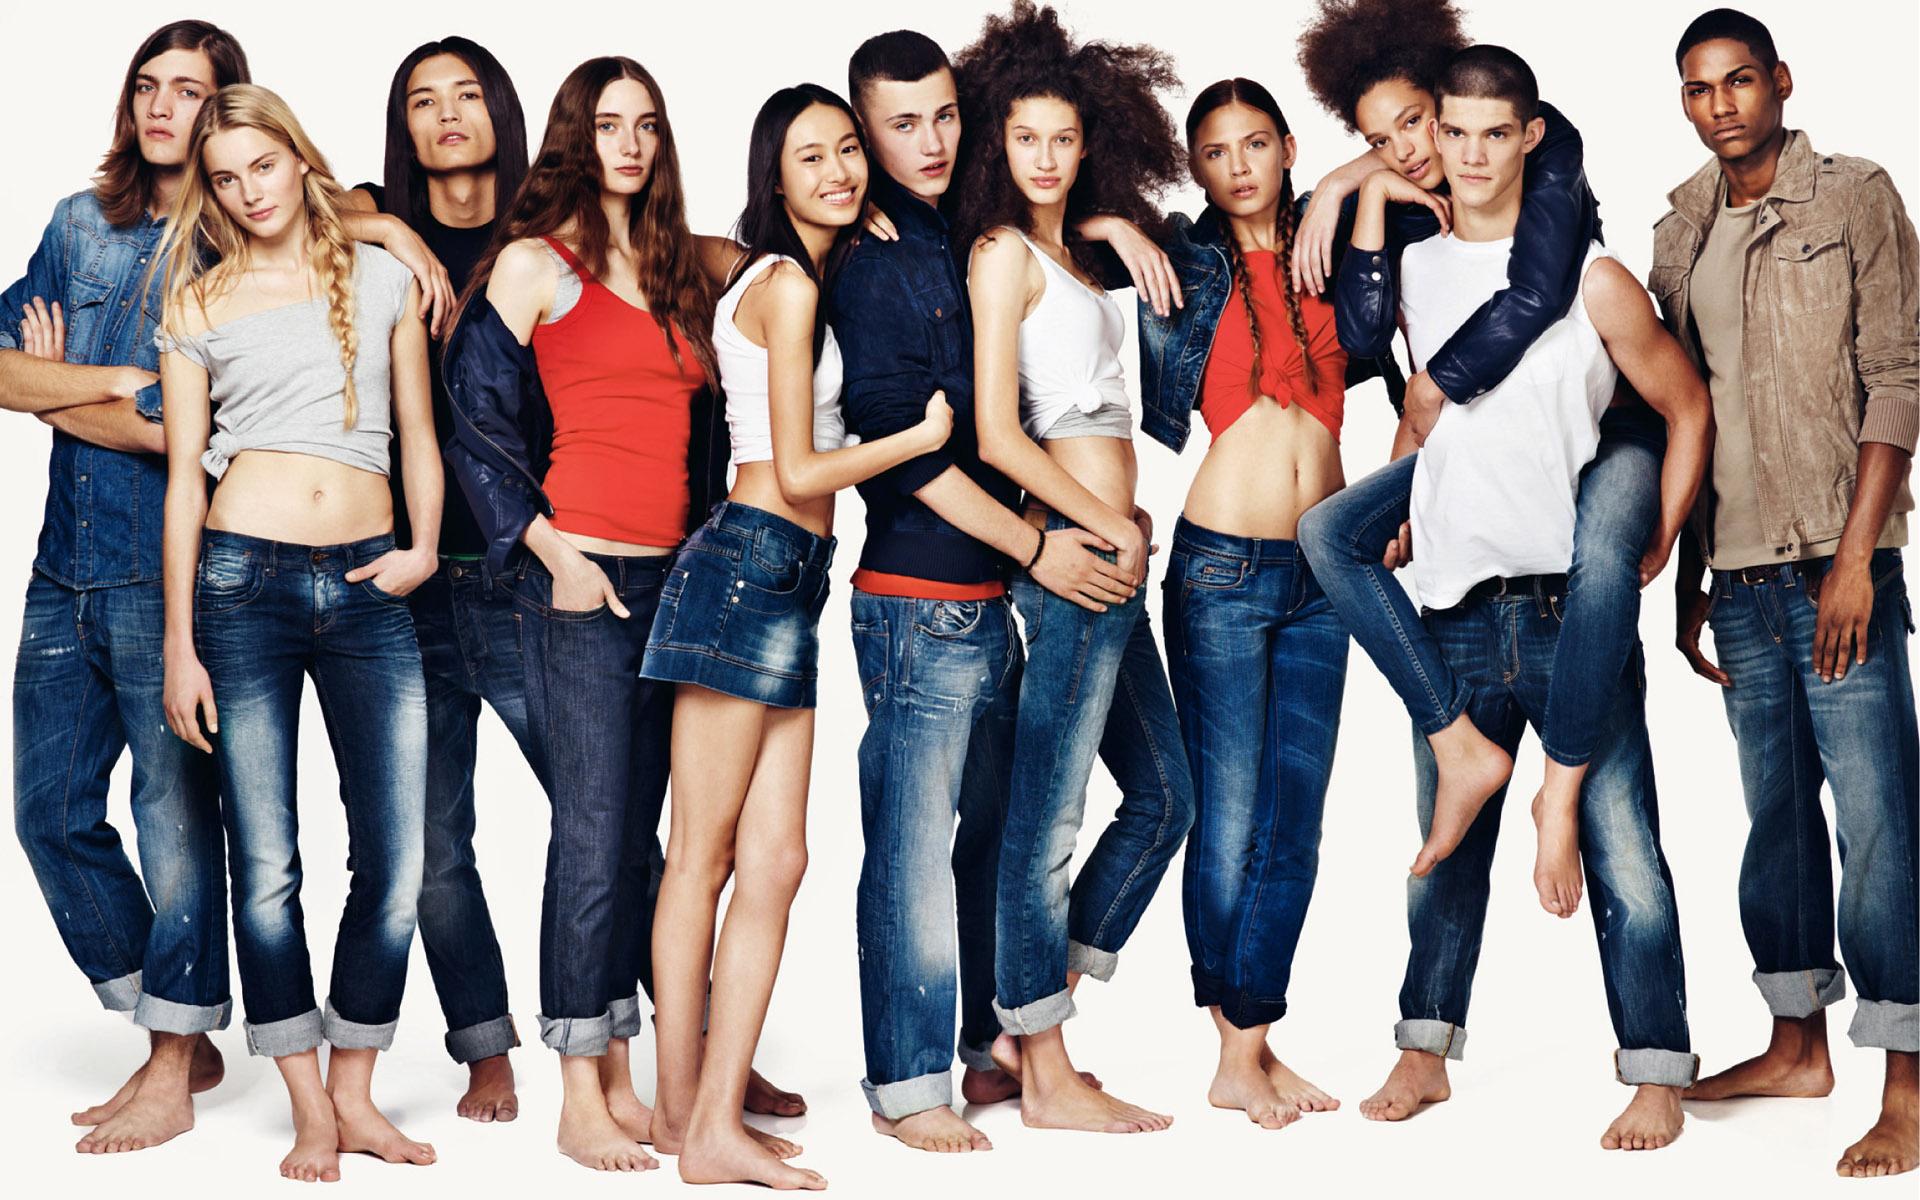 Teens Fashions